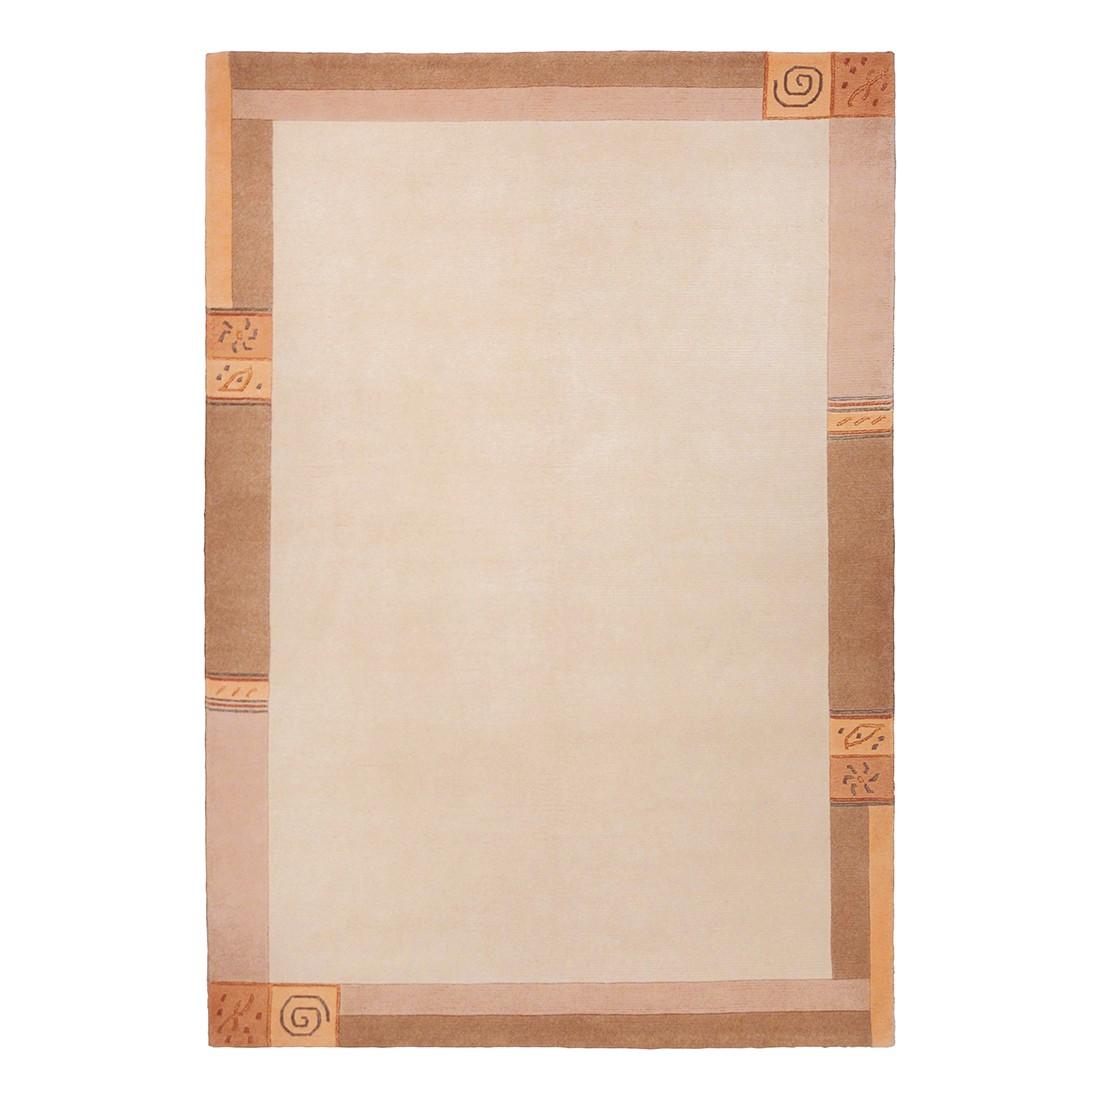 Teppich Bordo – Beige – 170 x 240 cm, Luxor living kaufen